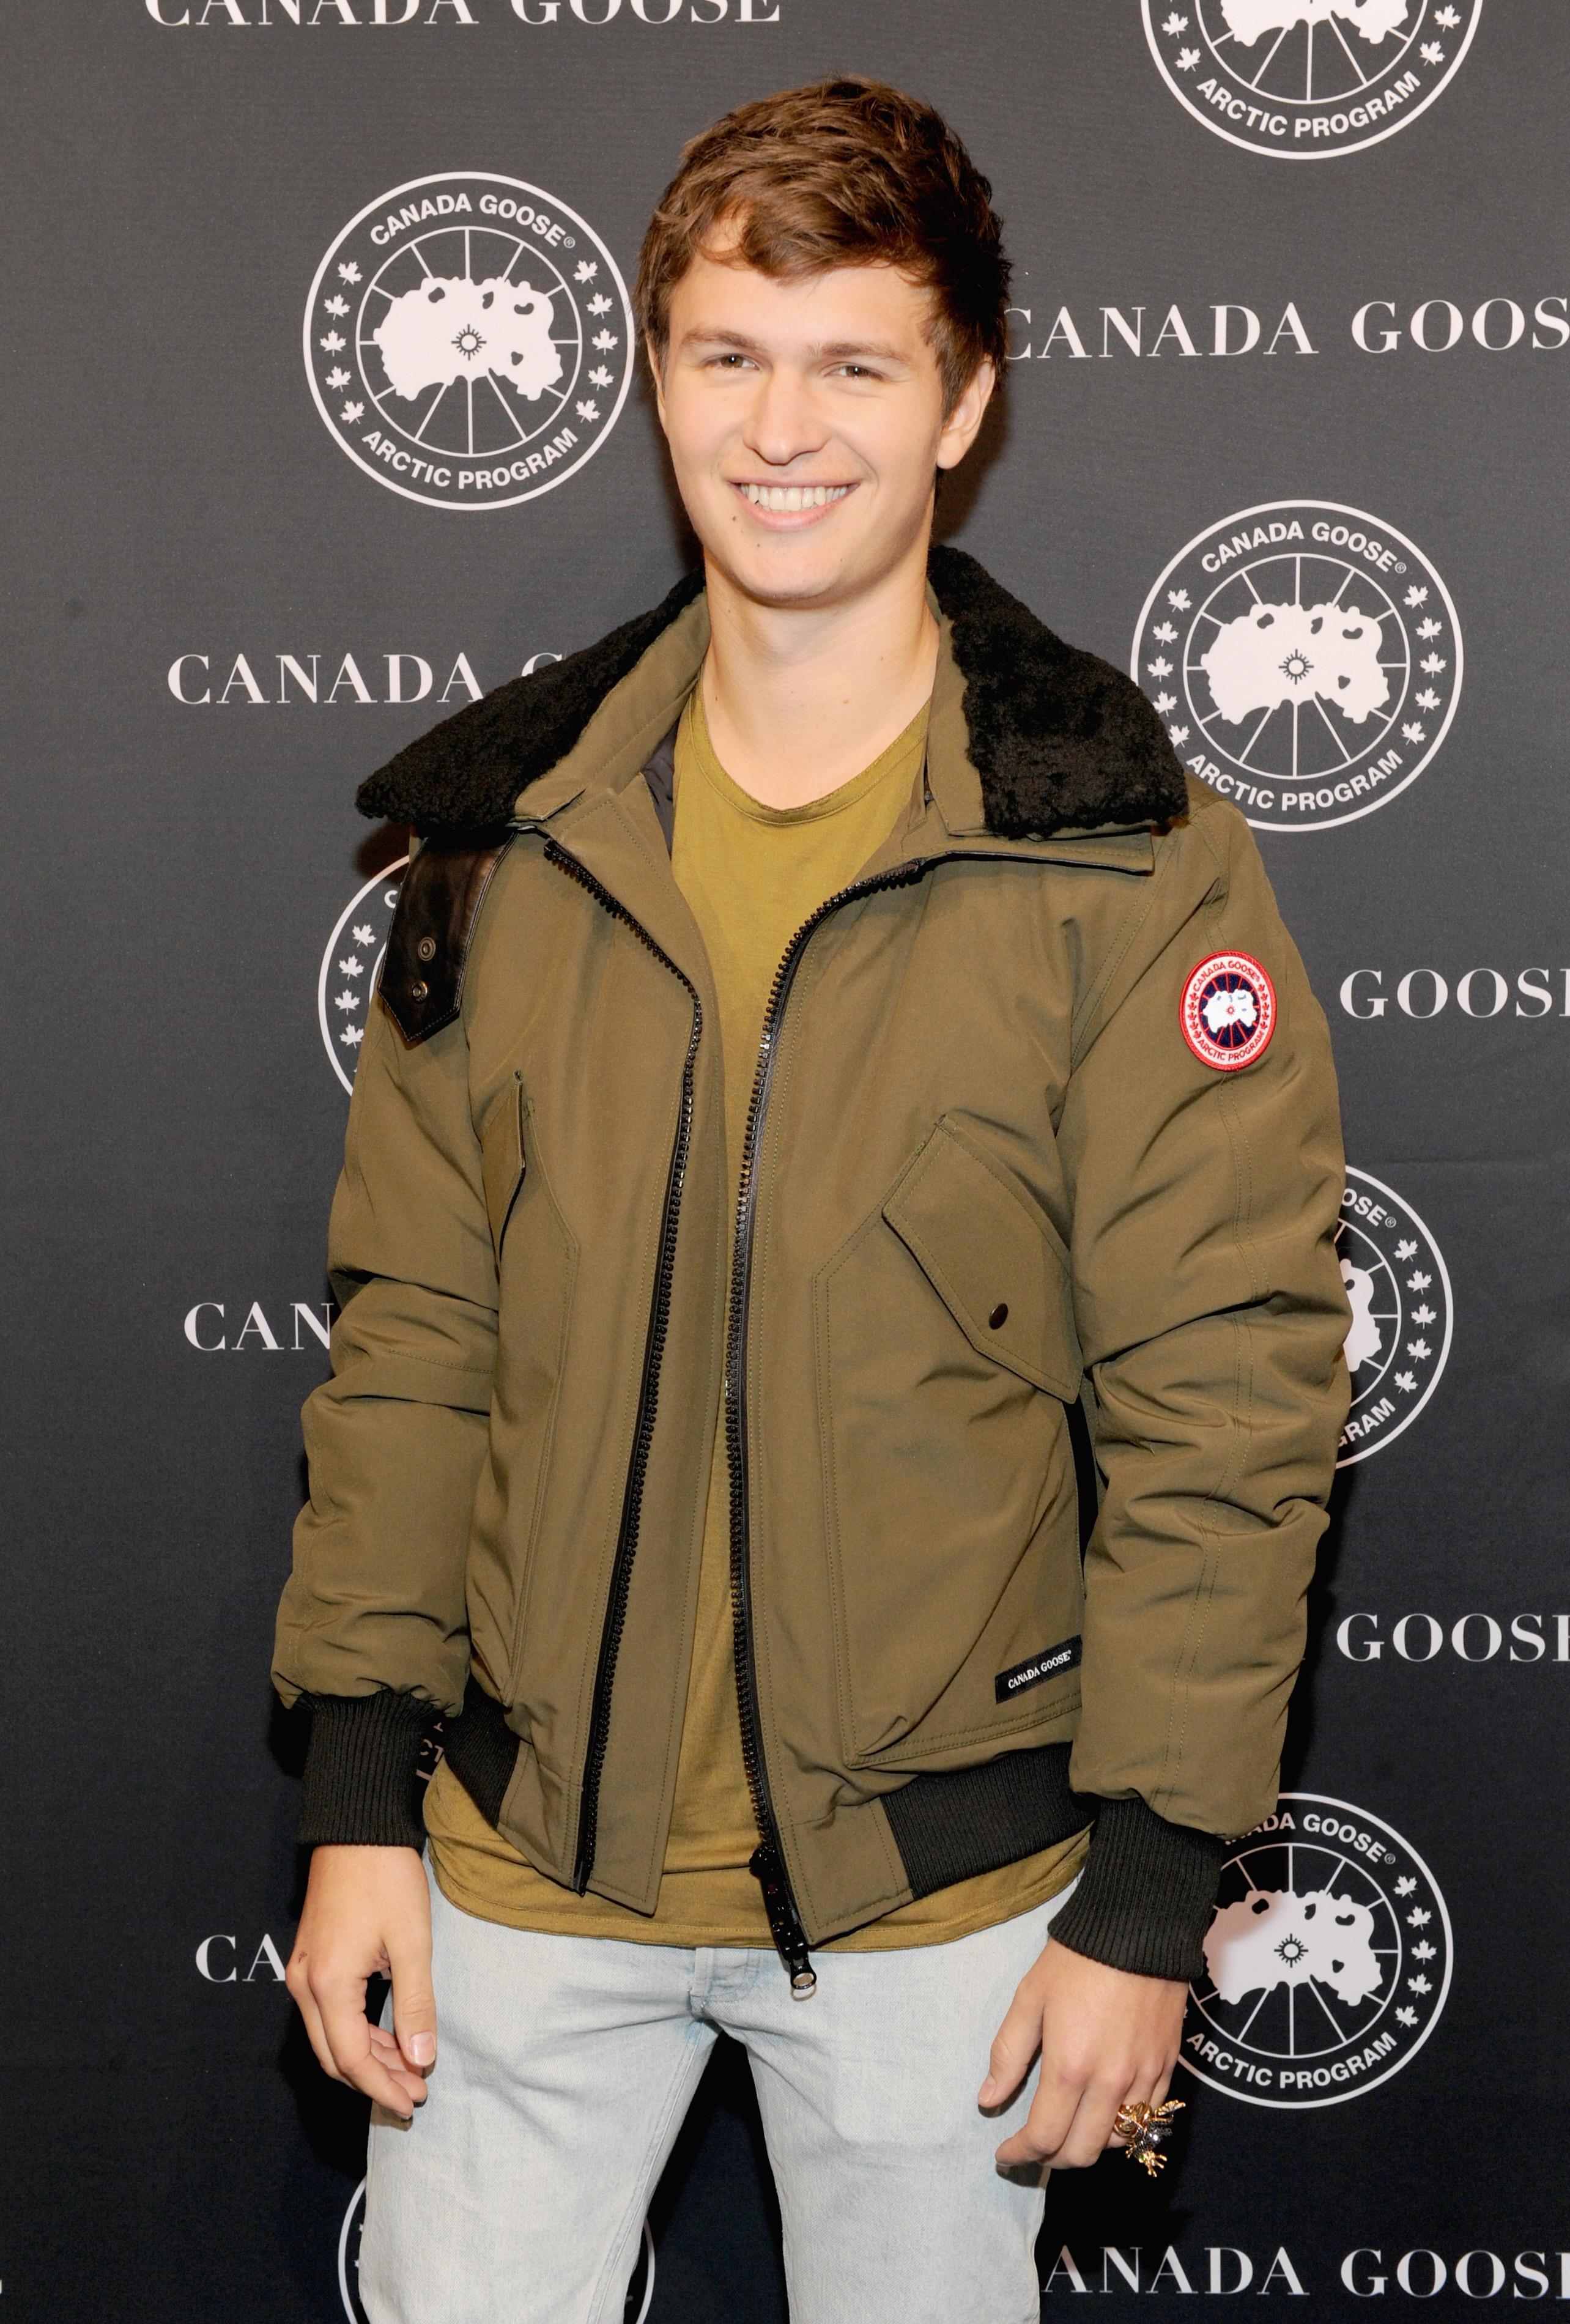 canada goose brand ambassador